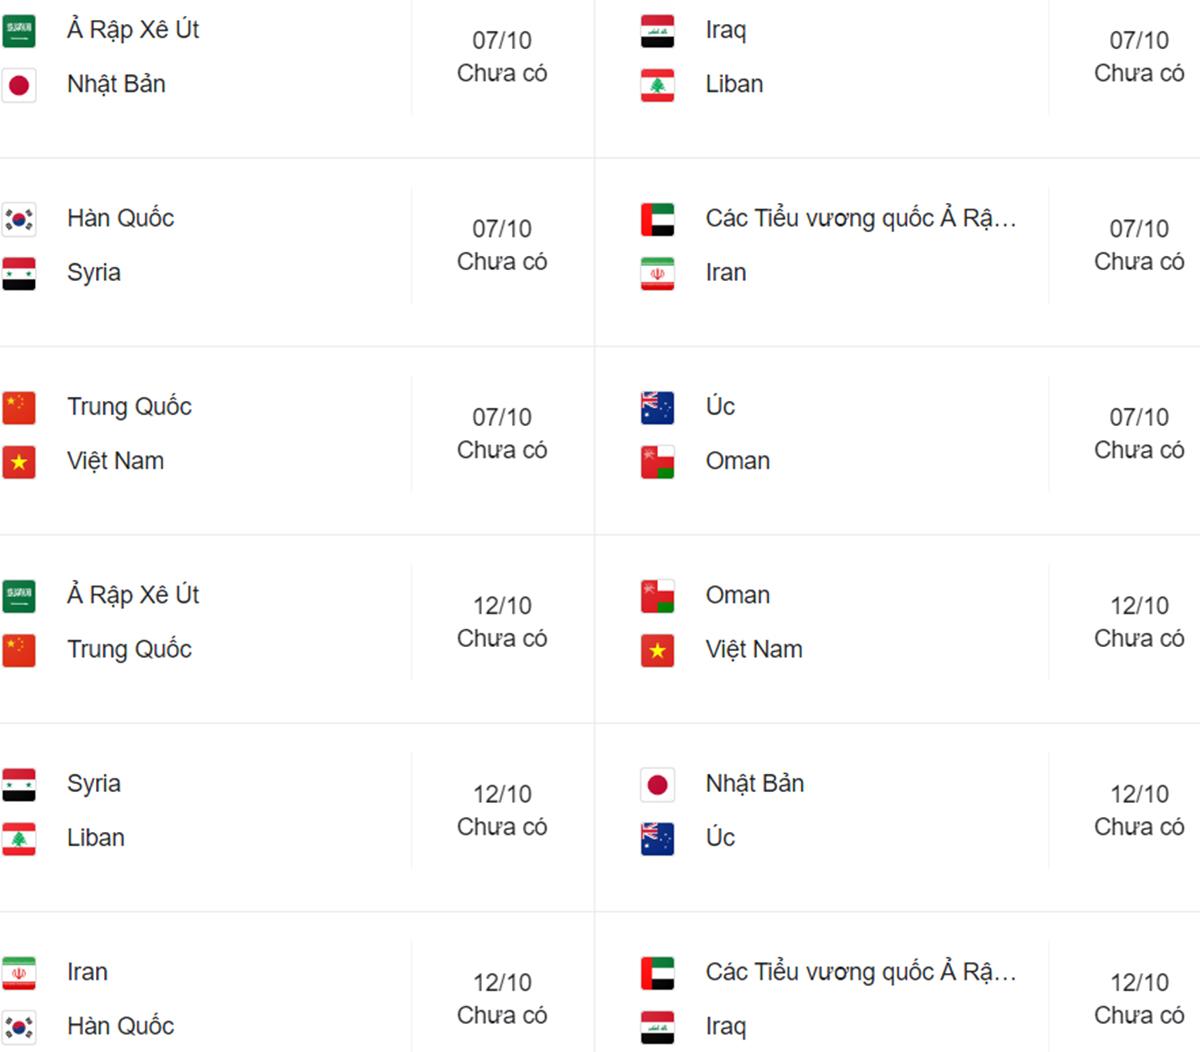 lịch thi đấu vòng loại World Cup 2022, Việt Nam vs Trung Quốc, Việt Nam, Trung Quốc, lịch thi đấu vòng loại World Cup 2022 châu Á,lịch thi đấu bóng đá hôm nay, VN vs TQ